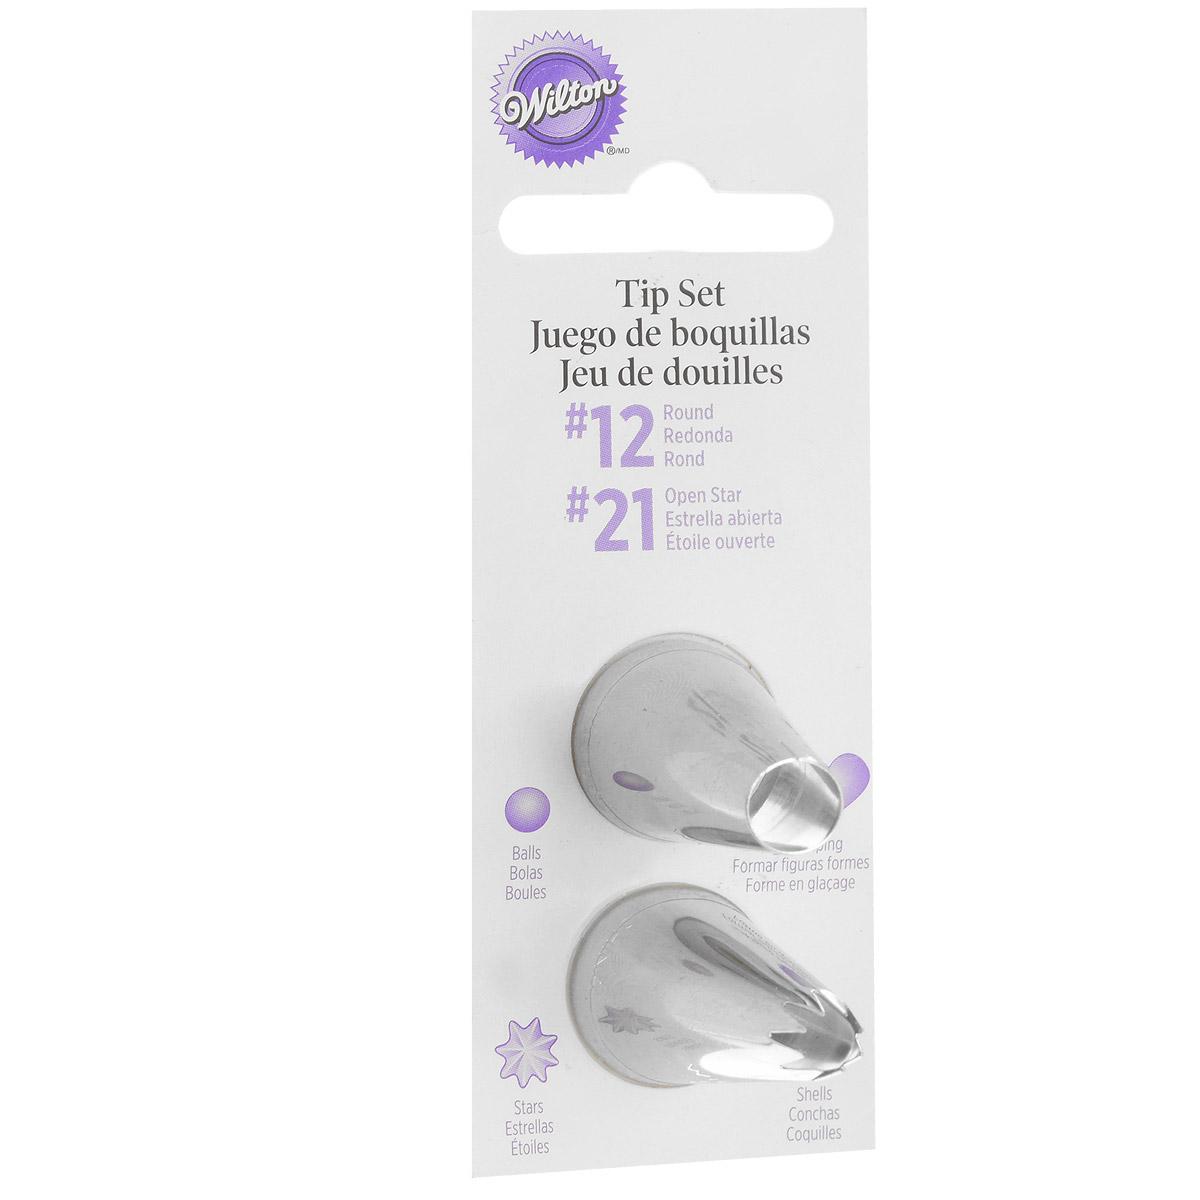 Набор насадок для кондитерского мешка Wilton, на подвесе, 2 штWLT-418-2112Набор насадок Wilton для кондитерского мешка, выполненный из металла, предназначен для украшения торта. Набор включает в себя 2 насадки: № 12, № 21. С такими насадками получаются красивые фигурки в виде шариков, ракушек, звезд, сердец. В зависимости от размера, вы можете использовать насадку с или без фиксатора насадок.Развивайте ваши умения по декорированию тортов с этими высококачественными, классическими насадками Wilton! Диаметр основания насадки: 2 см. Длина насадки: 3,5 см.